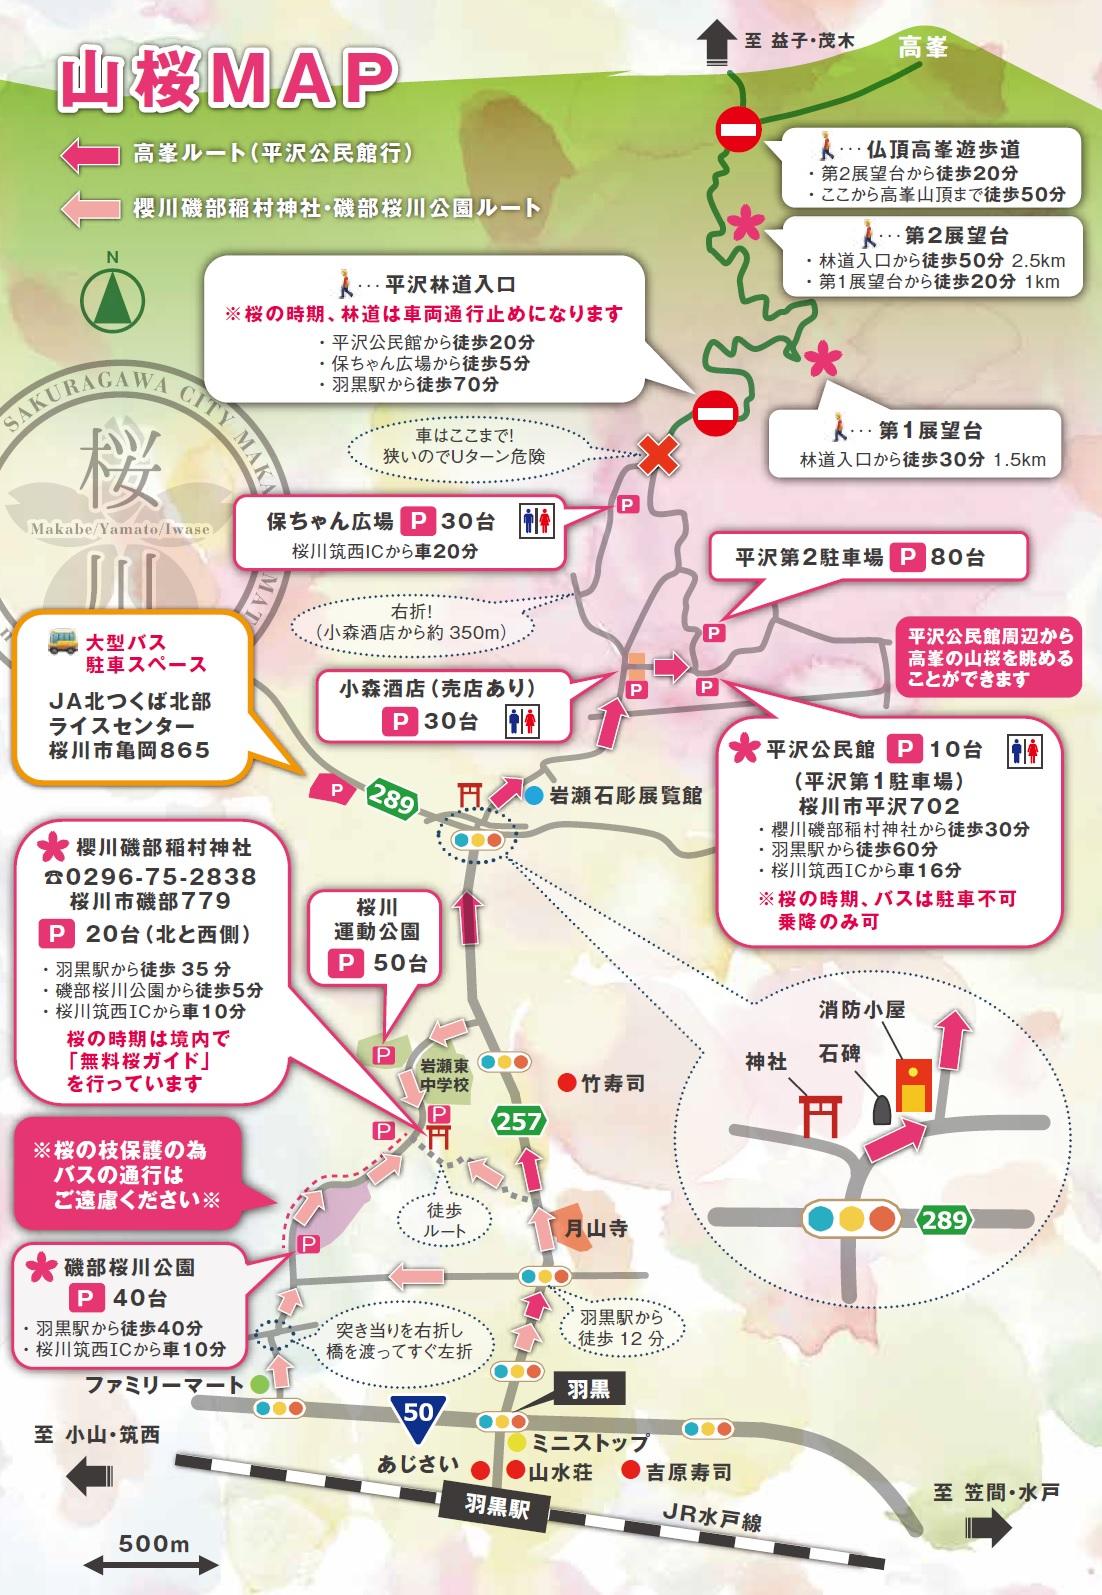 『山桜MAP』の画像